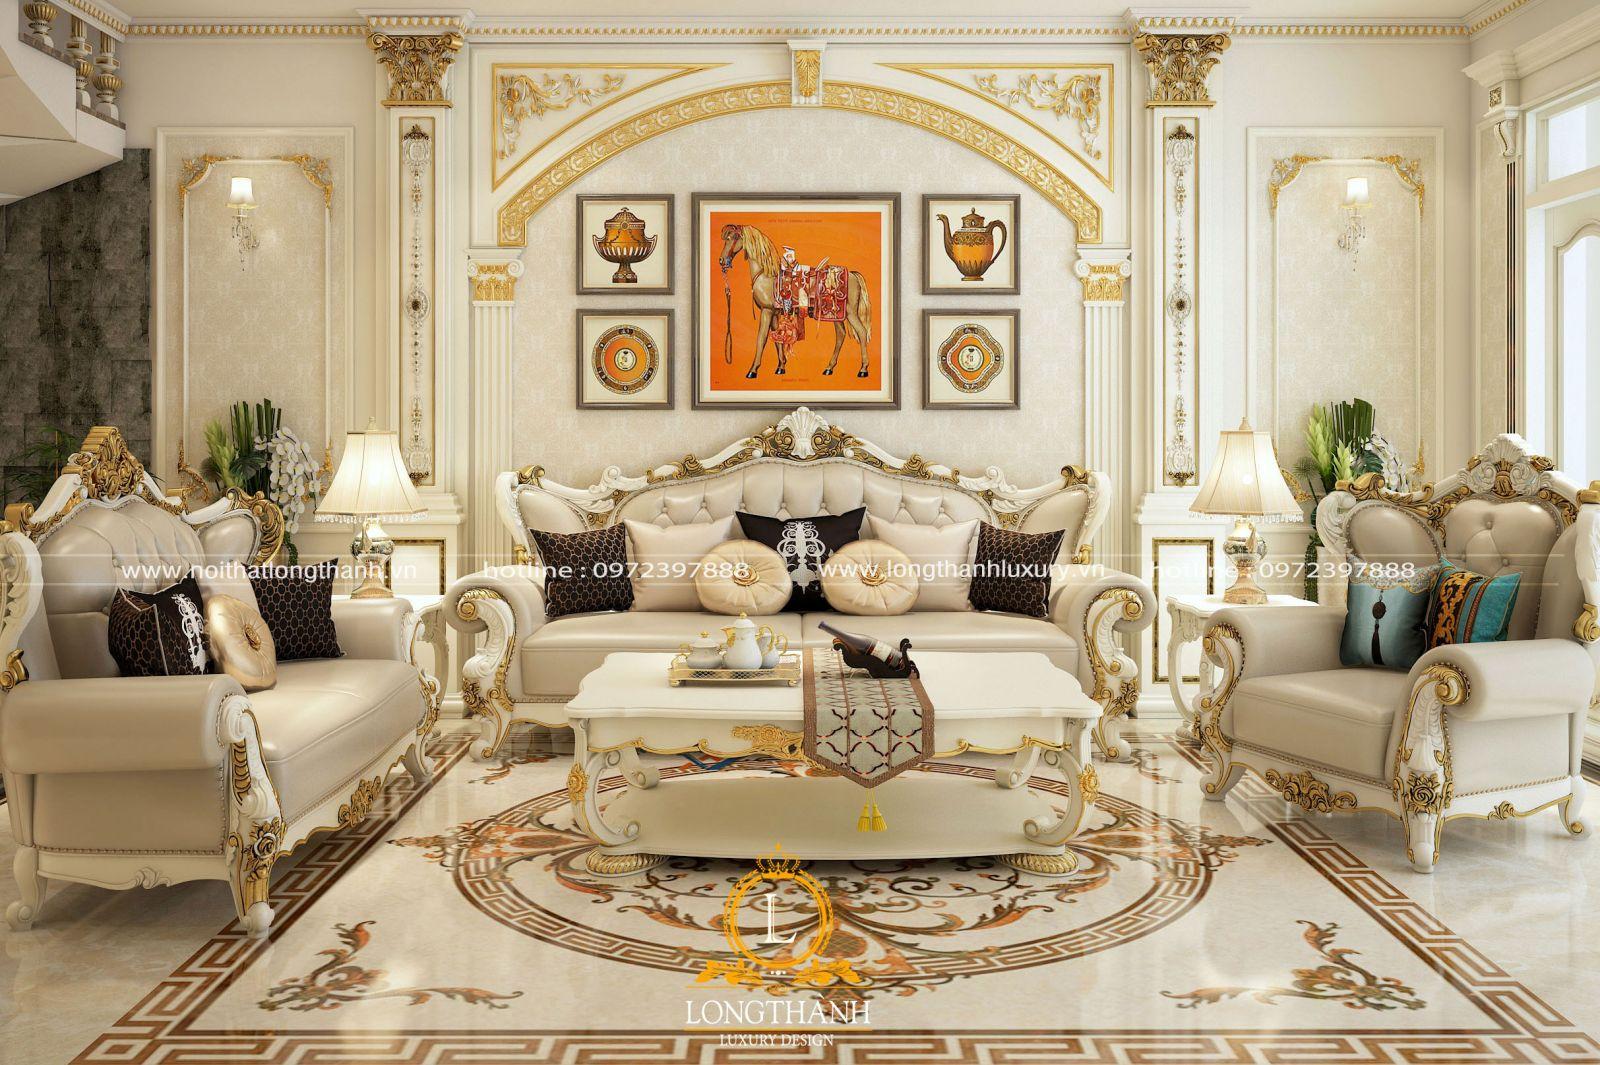 Sofa tân cổ điển sơn trắng dát vàng đẹp cuốn hút